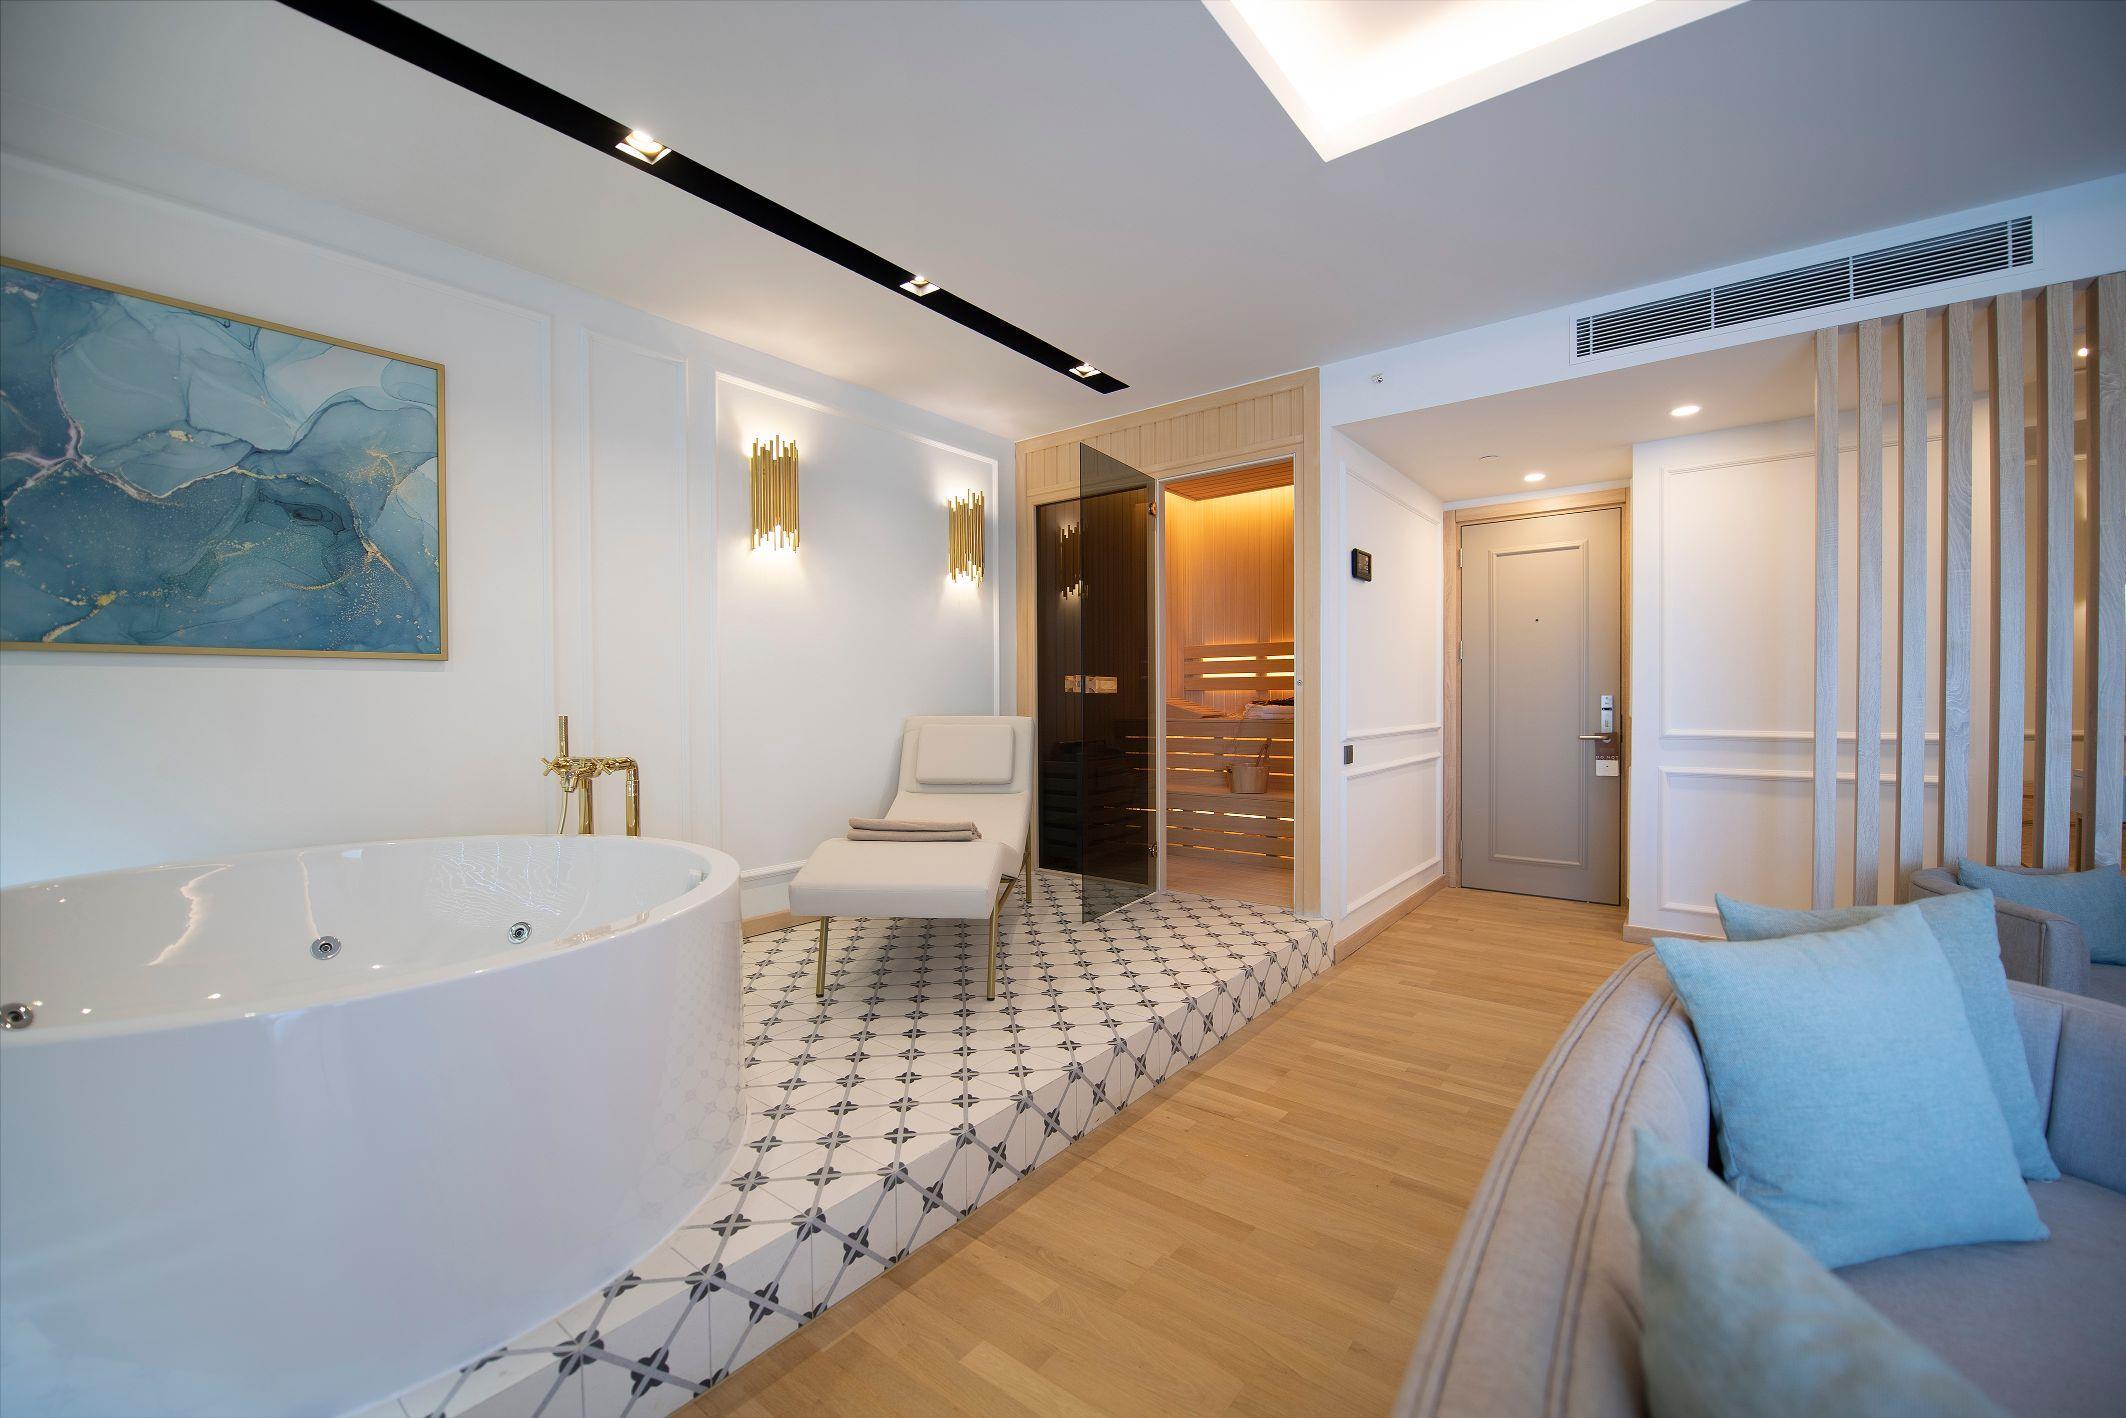 http://www.orextravel.sk/OREX/hotelphotos/miramare-queen-hotel-general-0020.jpg